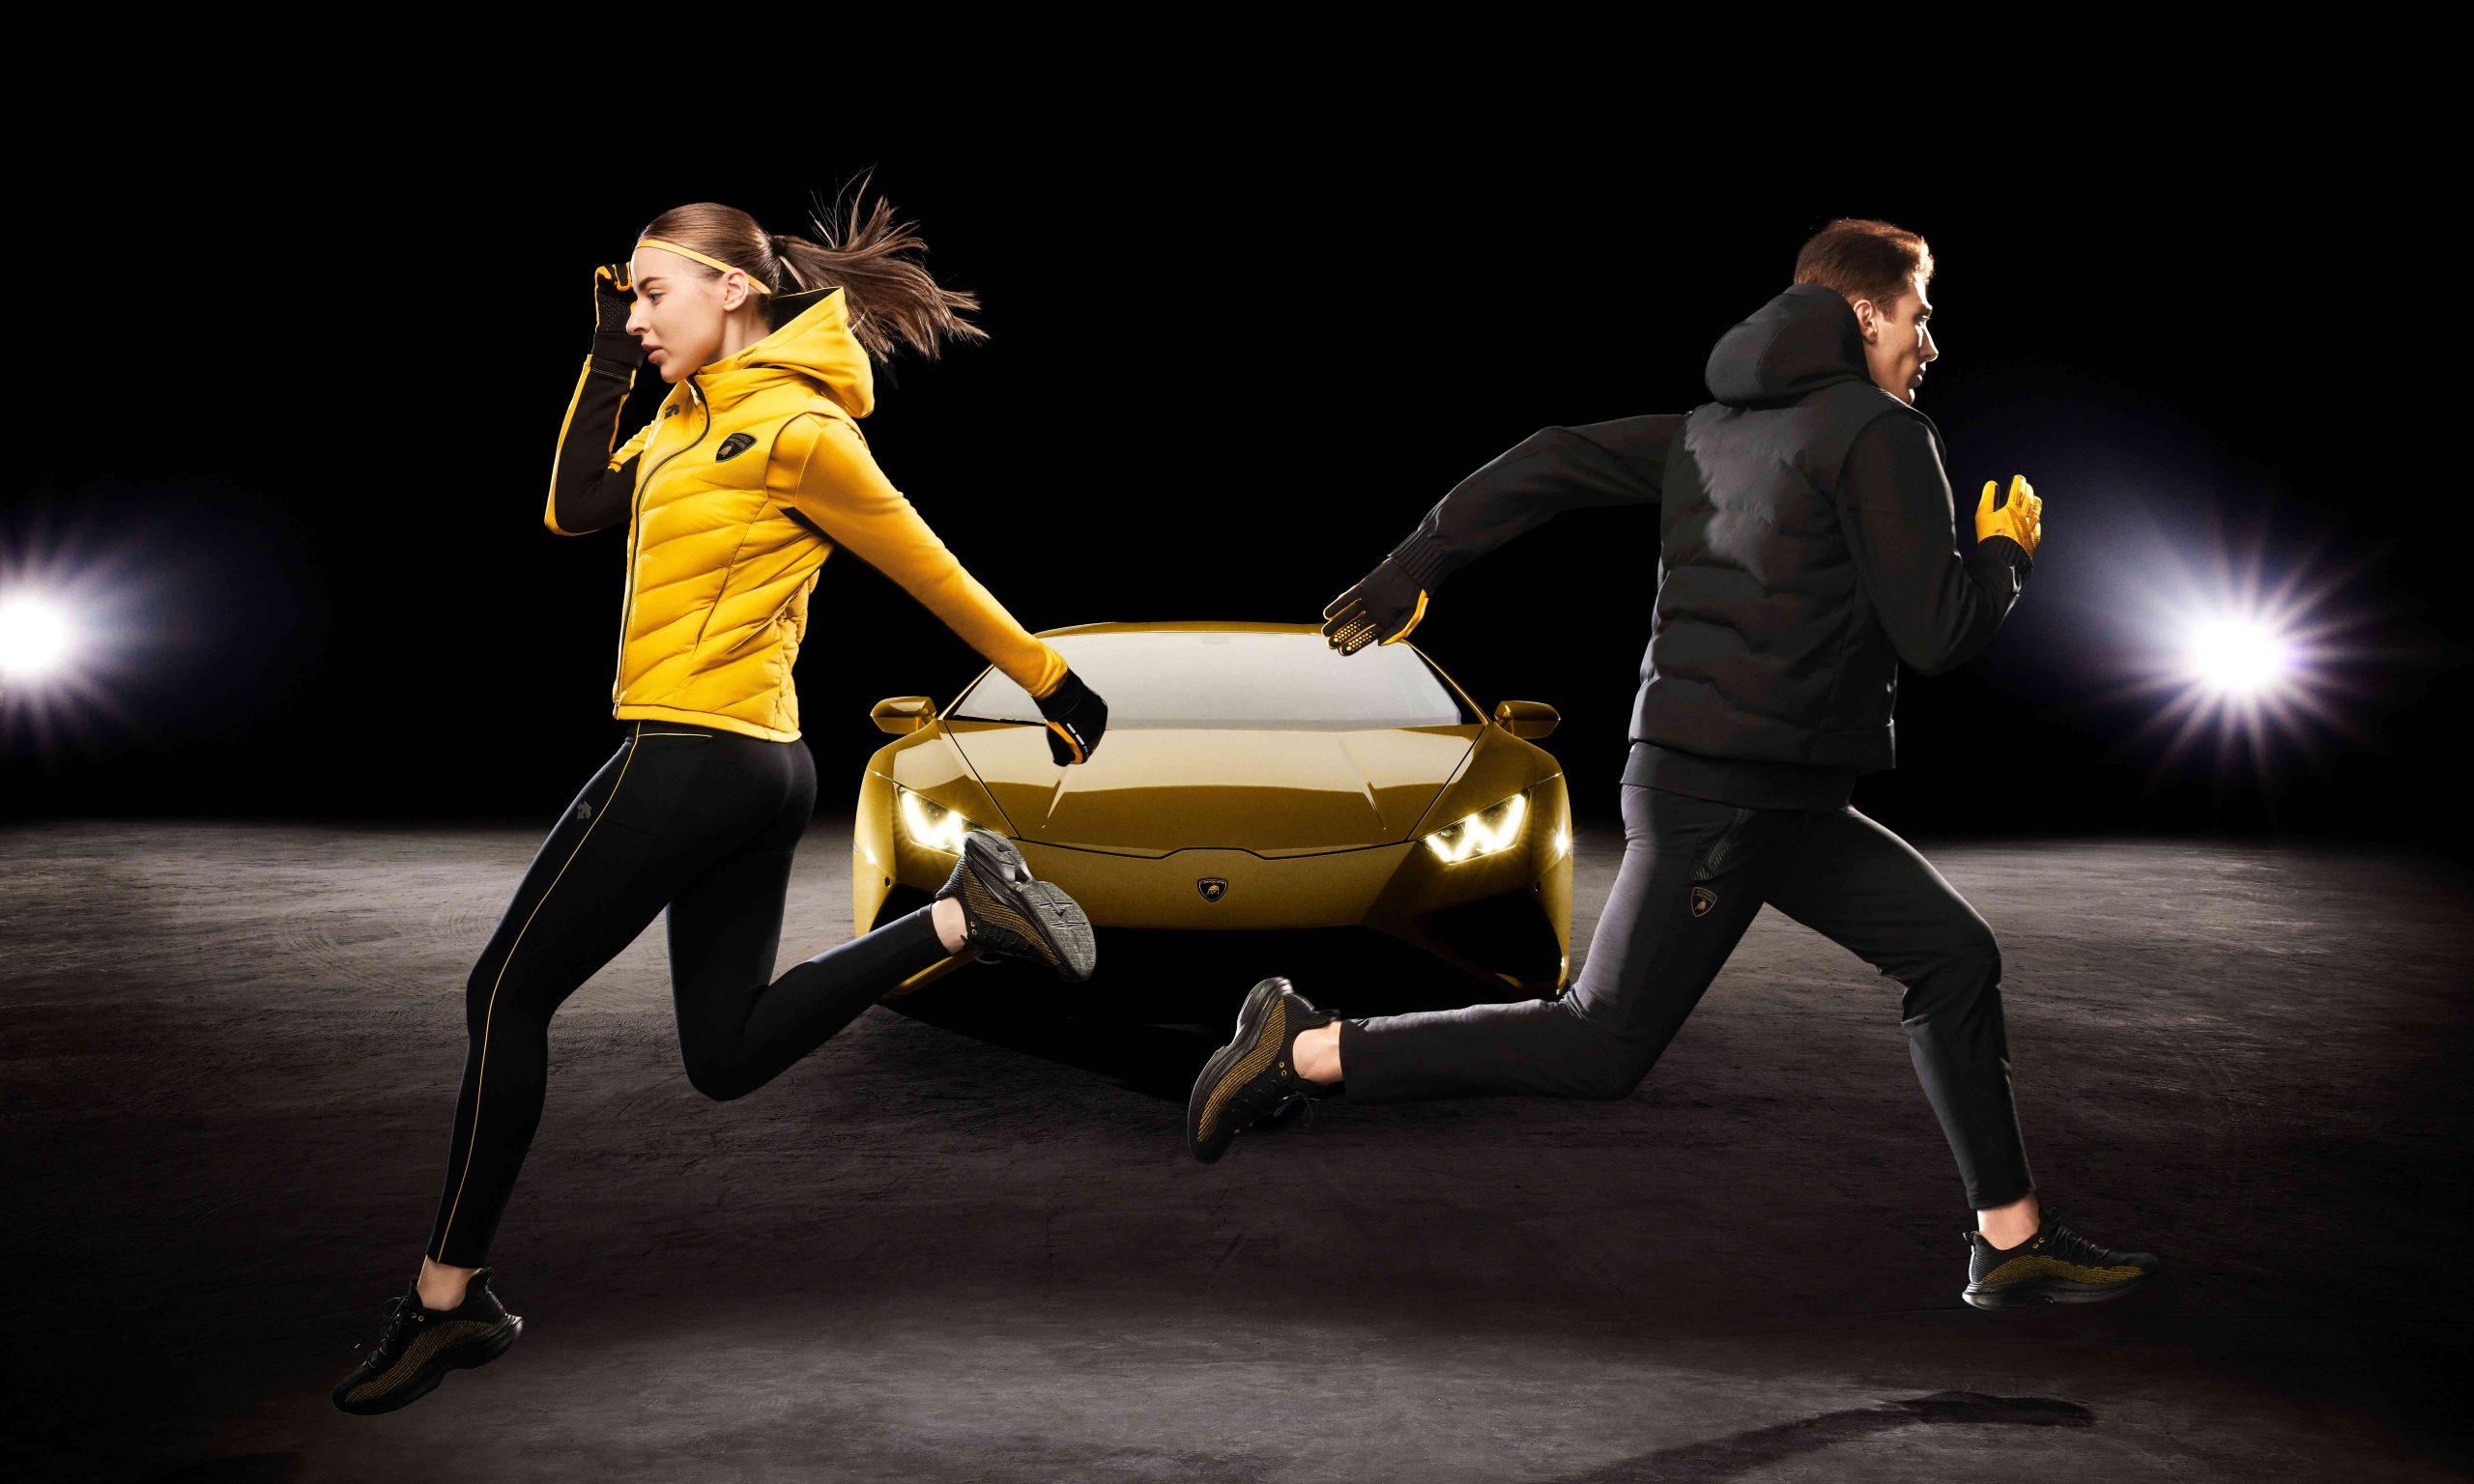 助力冬季奔跑,DESCENTE x AUTOMOBILI LAMBORGHINI 联名合作系列发布